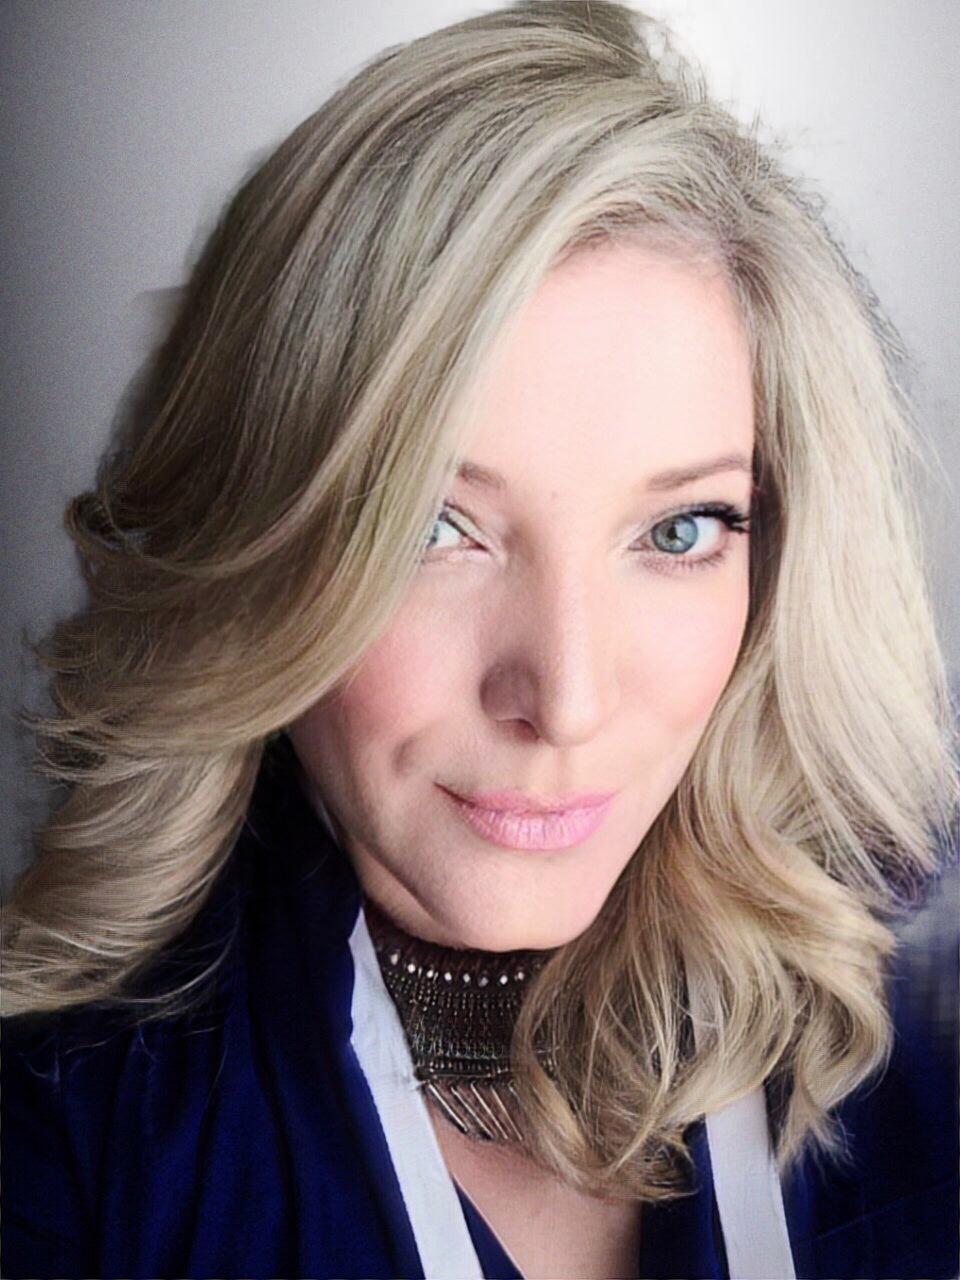 Trish Lozynsky